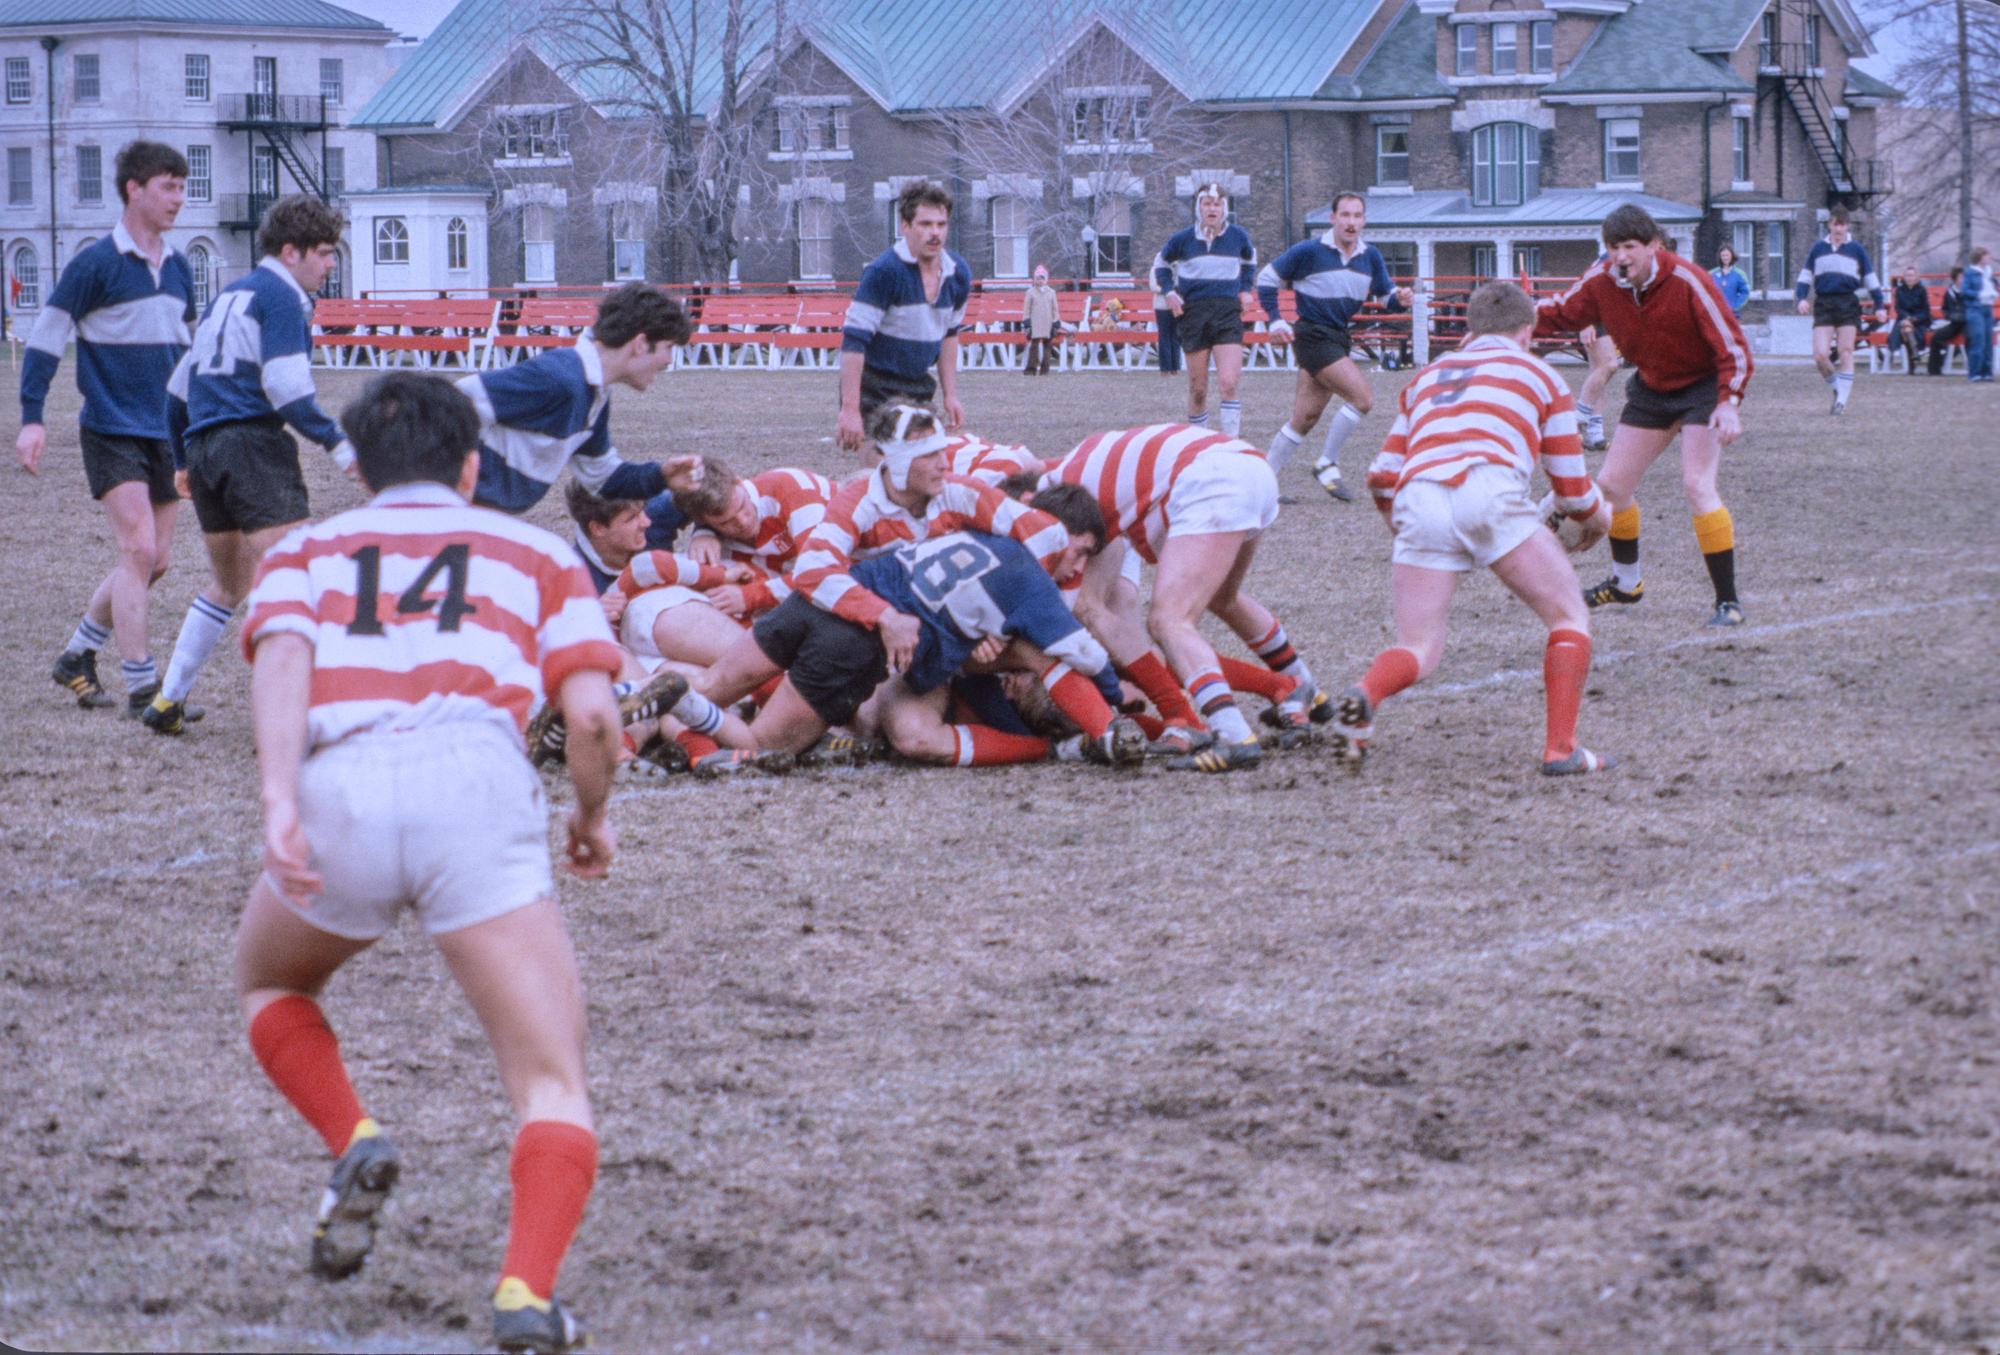 TDV 116 RMC RRMC Rugby.jpg